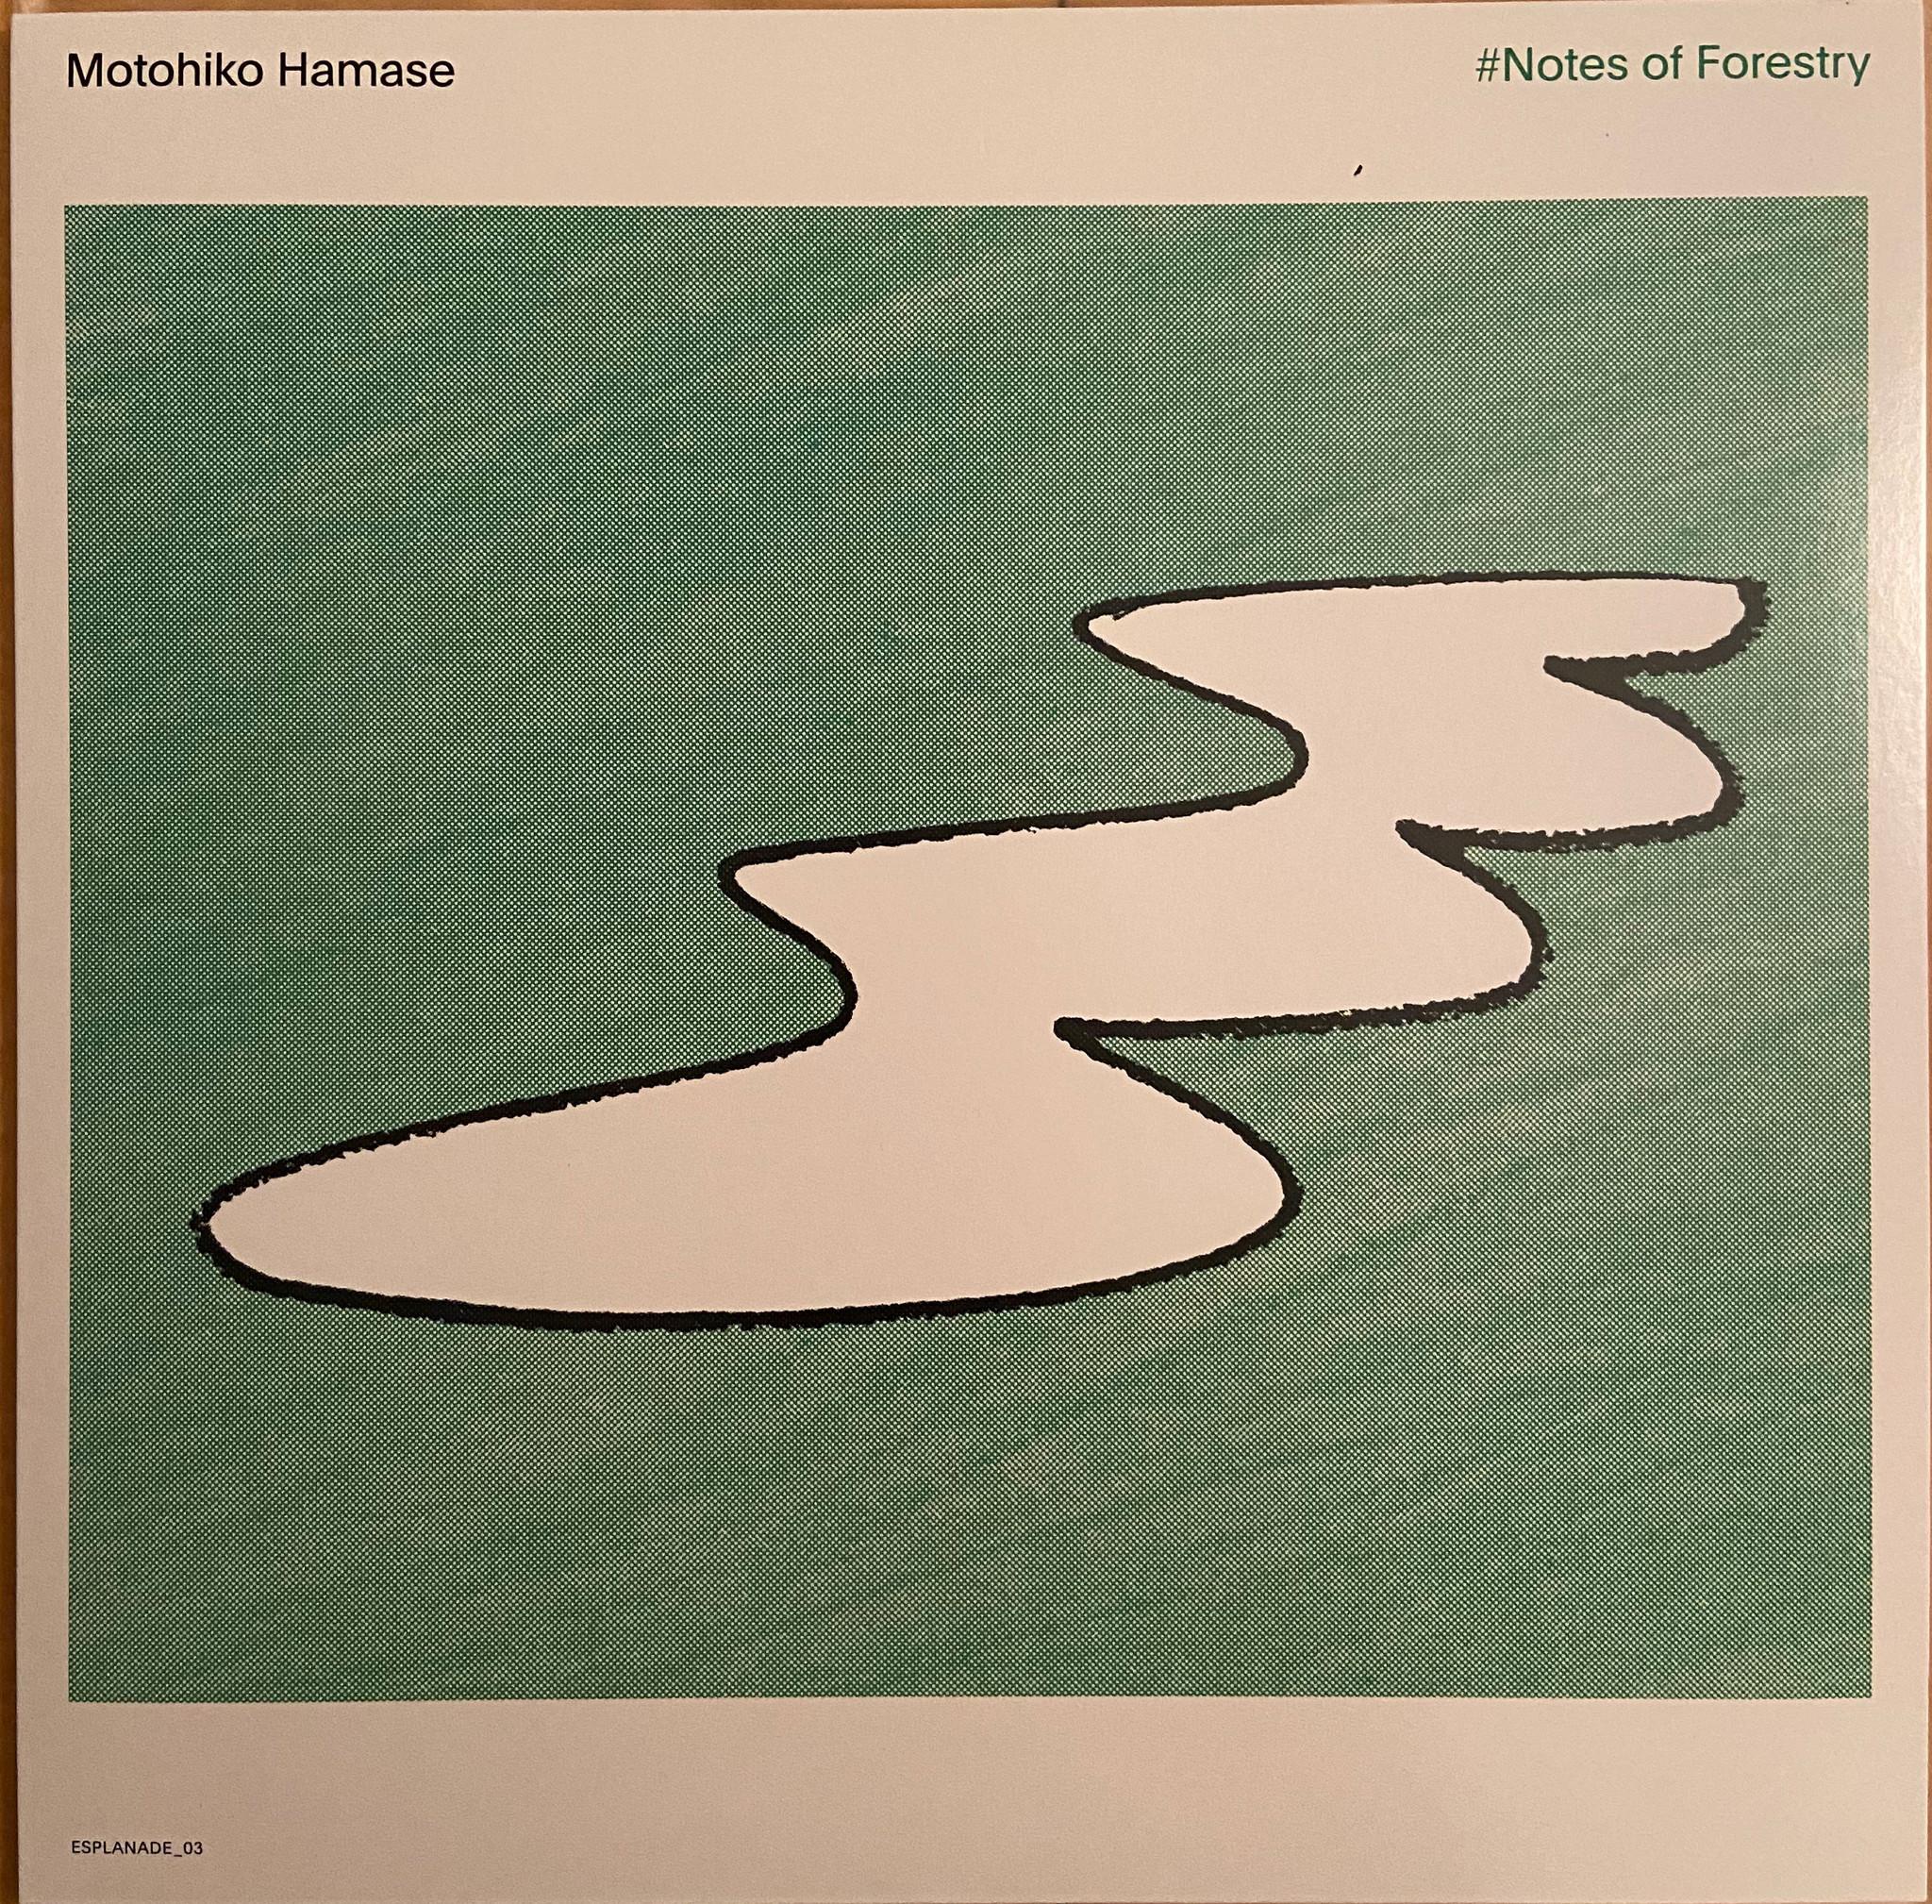 Motohiko Hamase - #Notes of Forestry